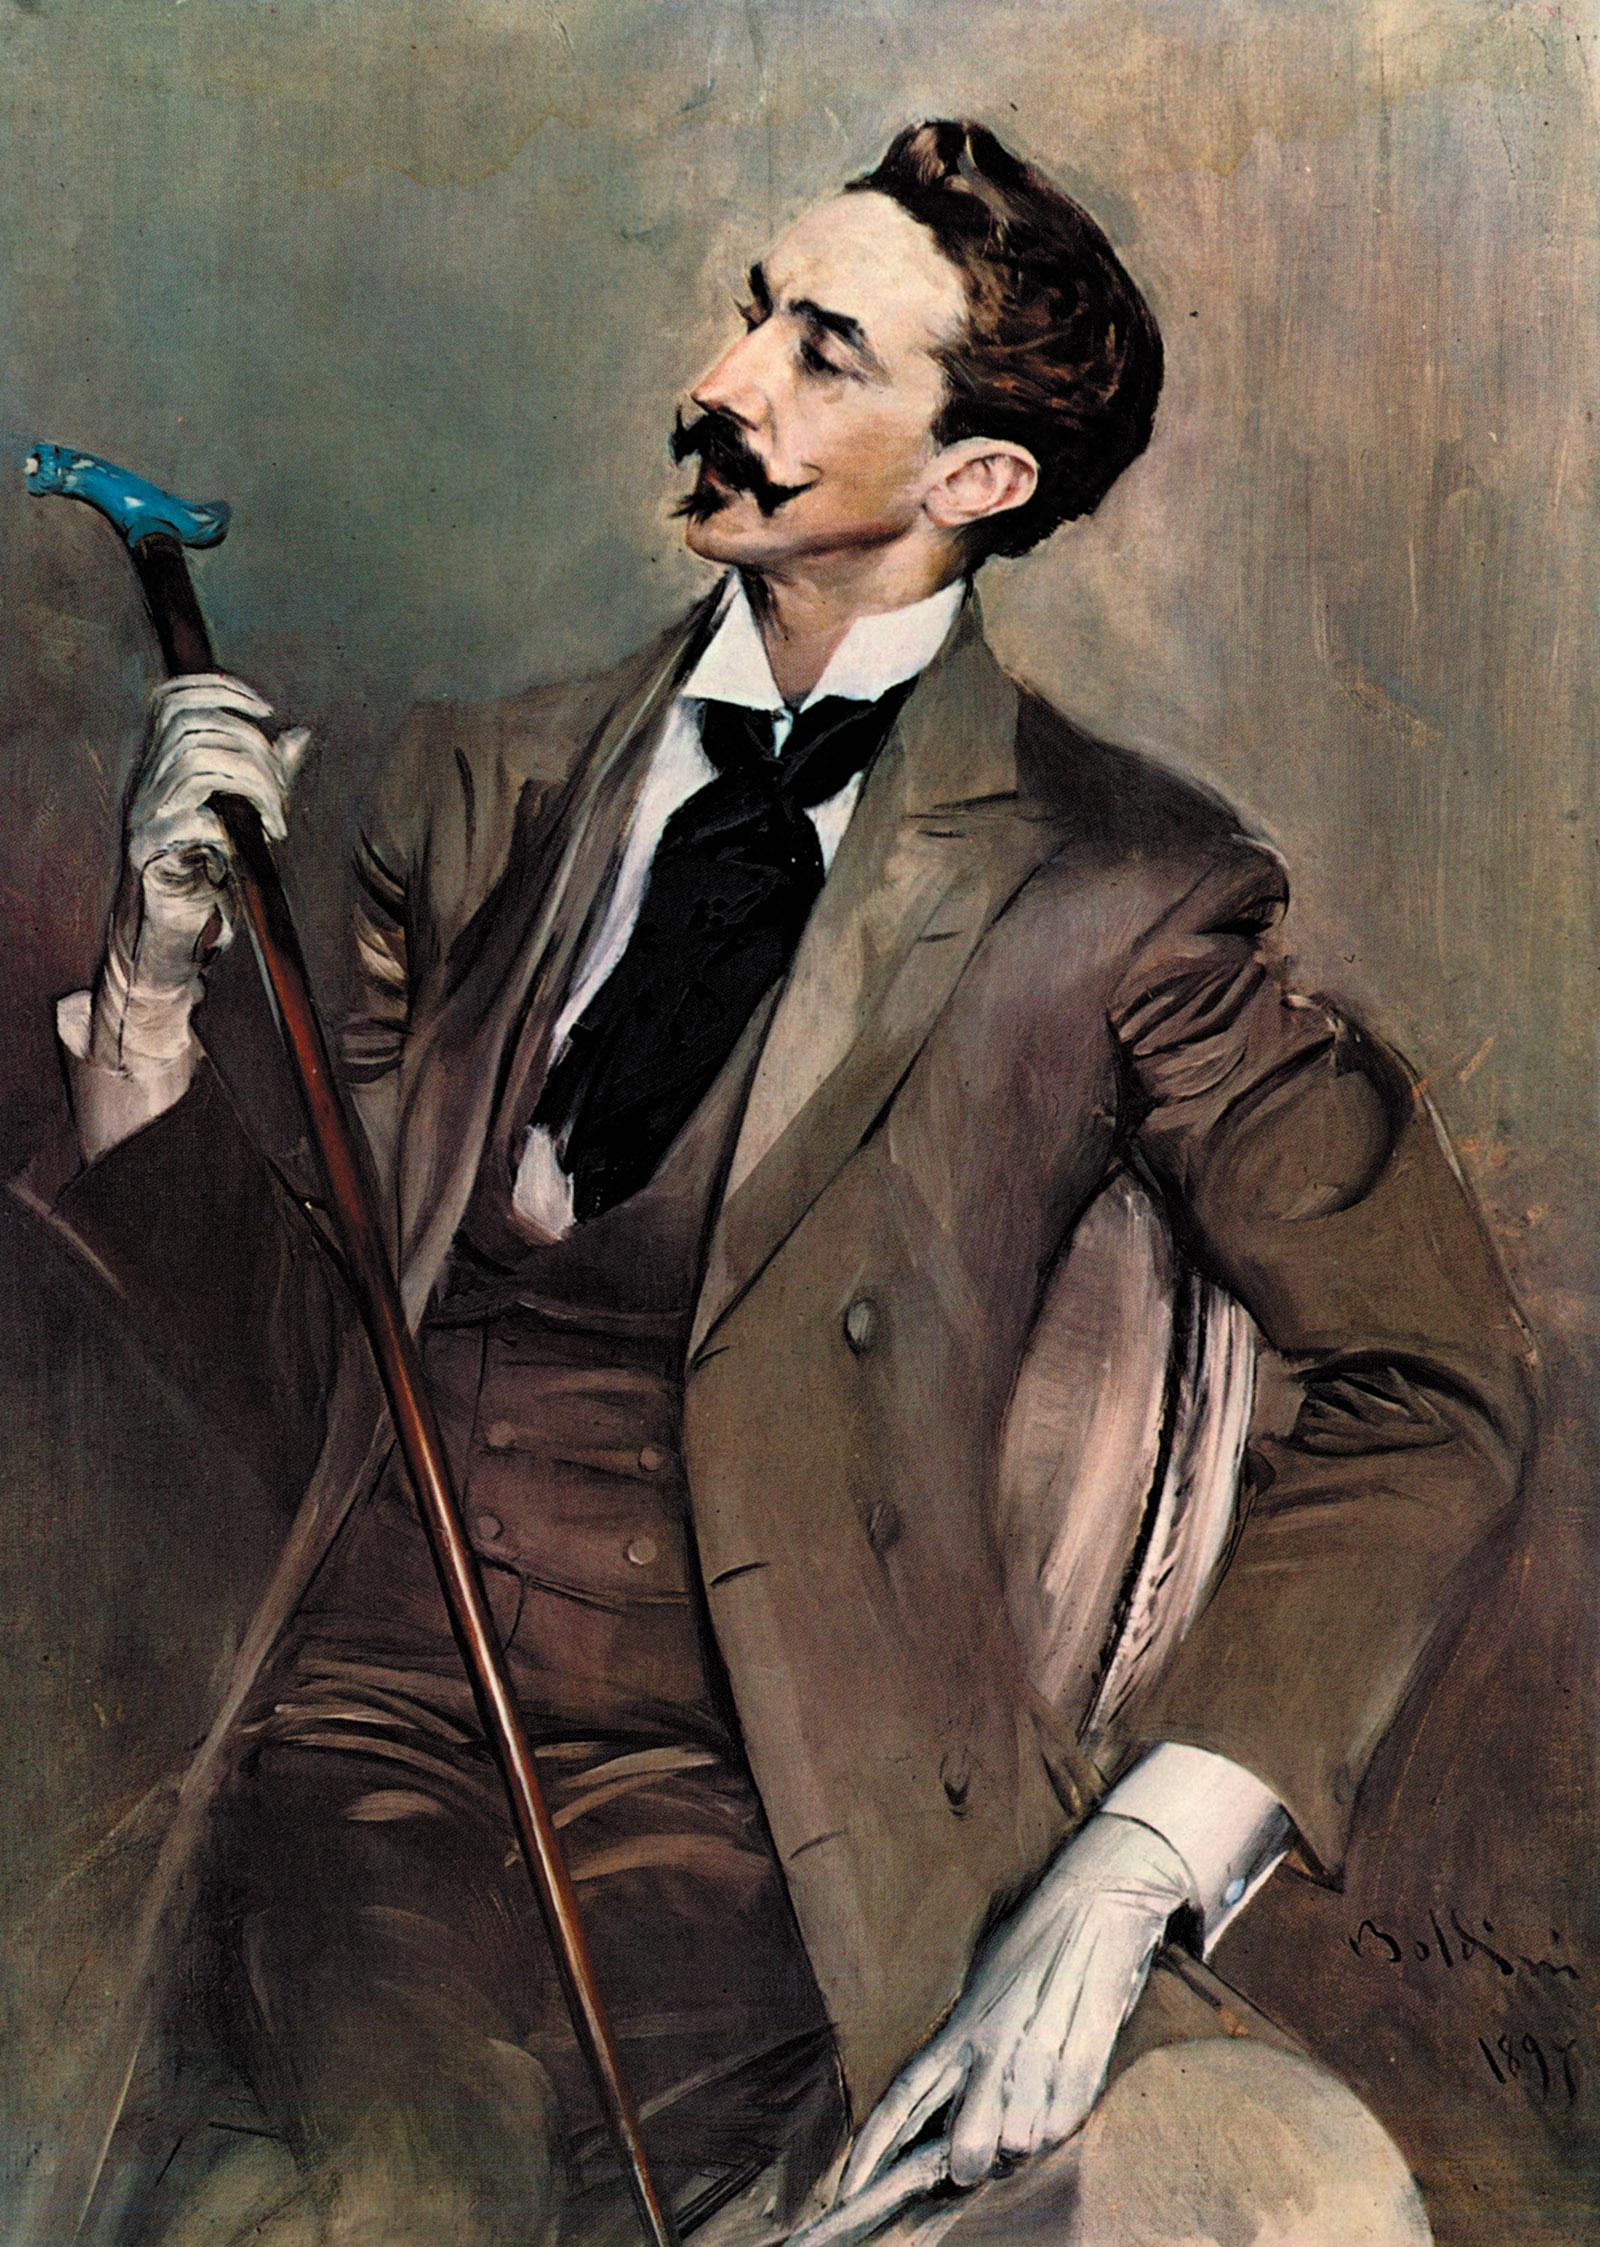 Robert de Montesquiou; portrait by Giovanni Boldini